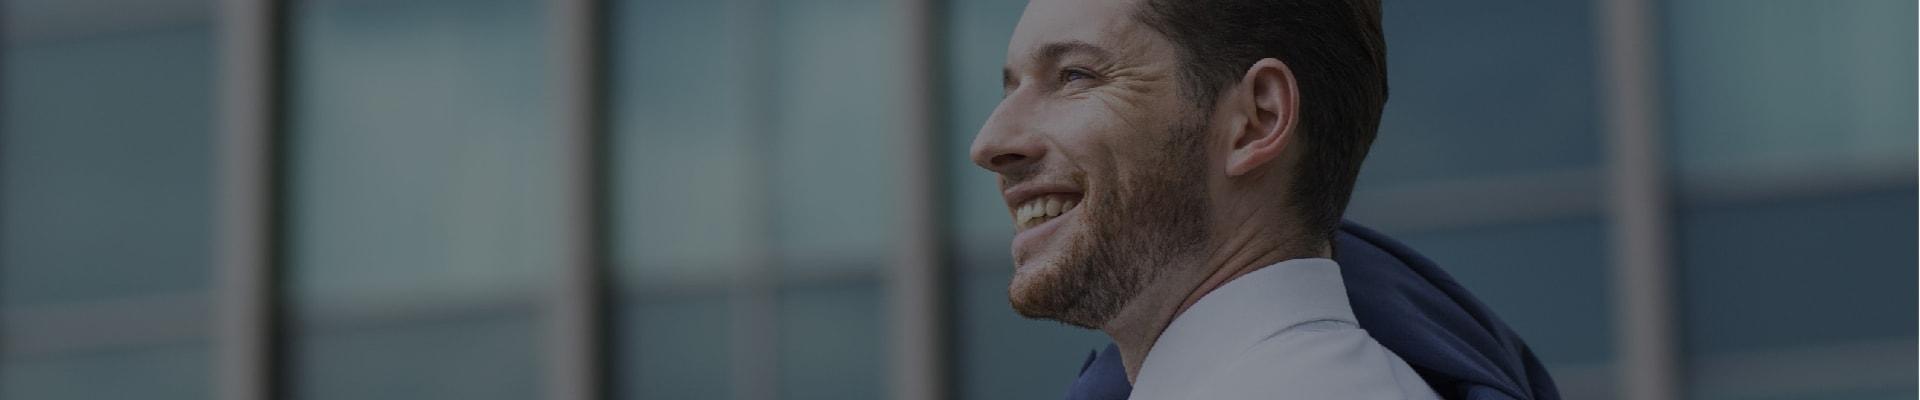 Marketing Digital para Advogados e Escritórios de Advocacia